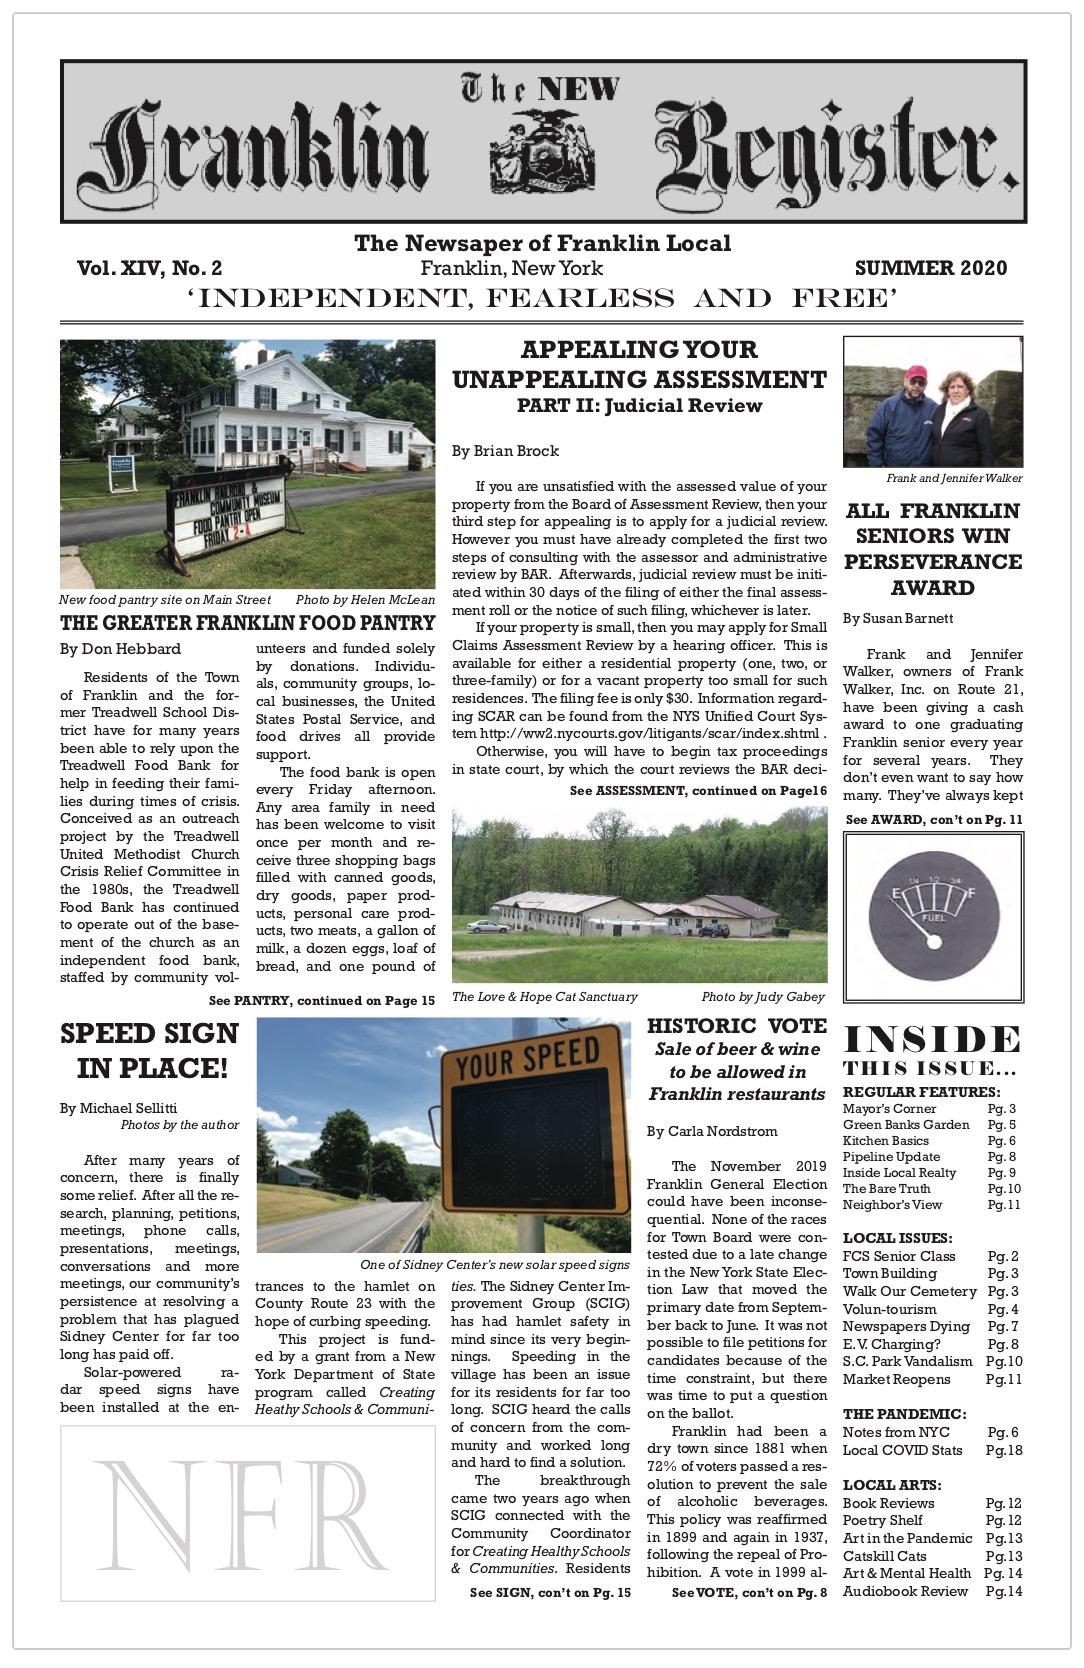 New Franklin Register, Summer 2020, issue #40